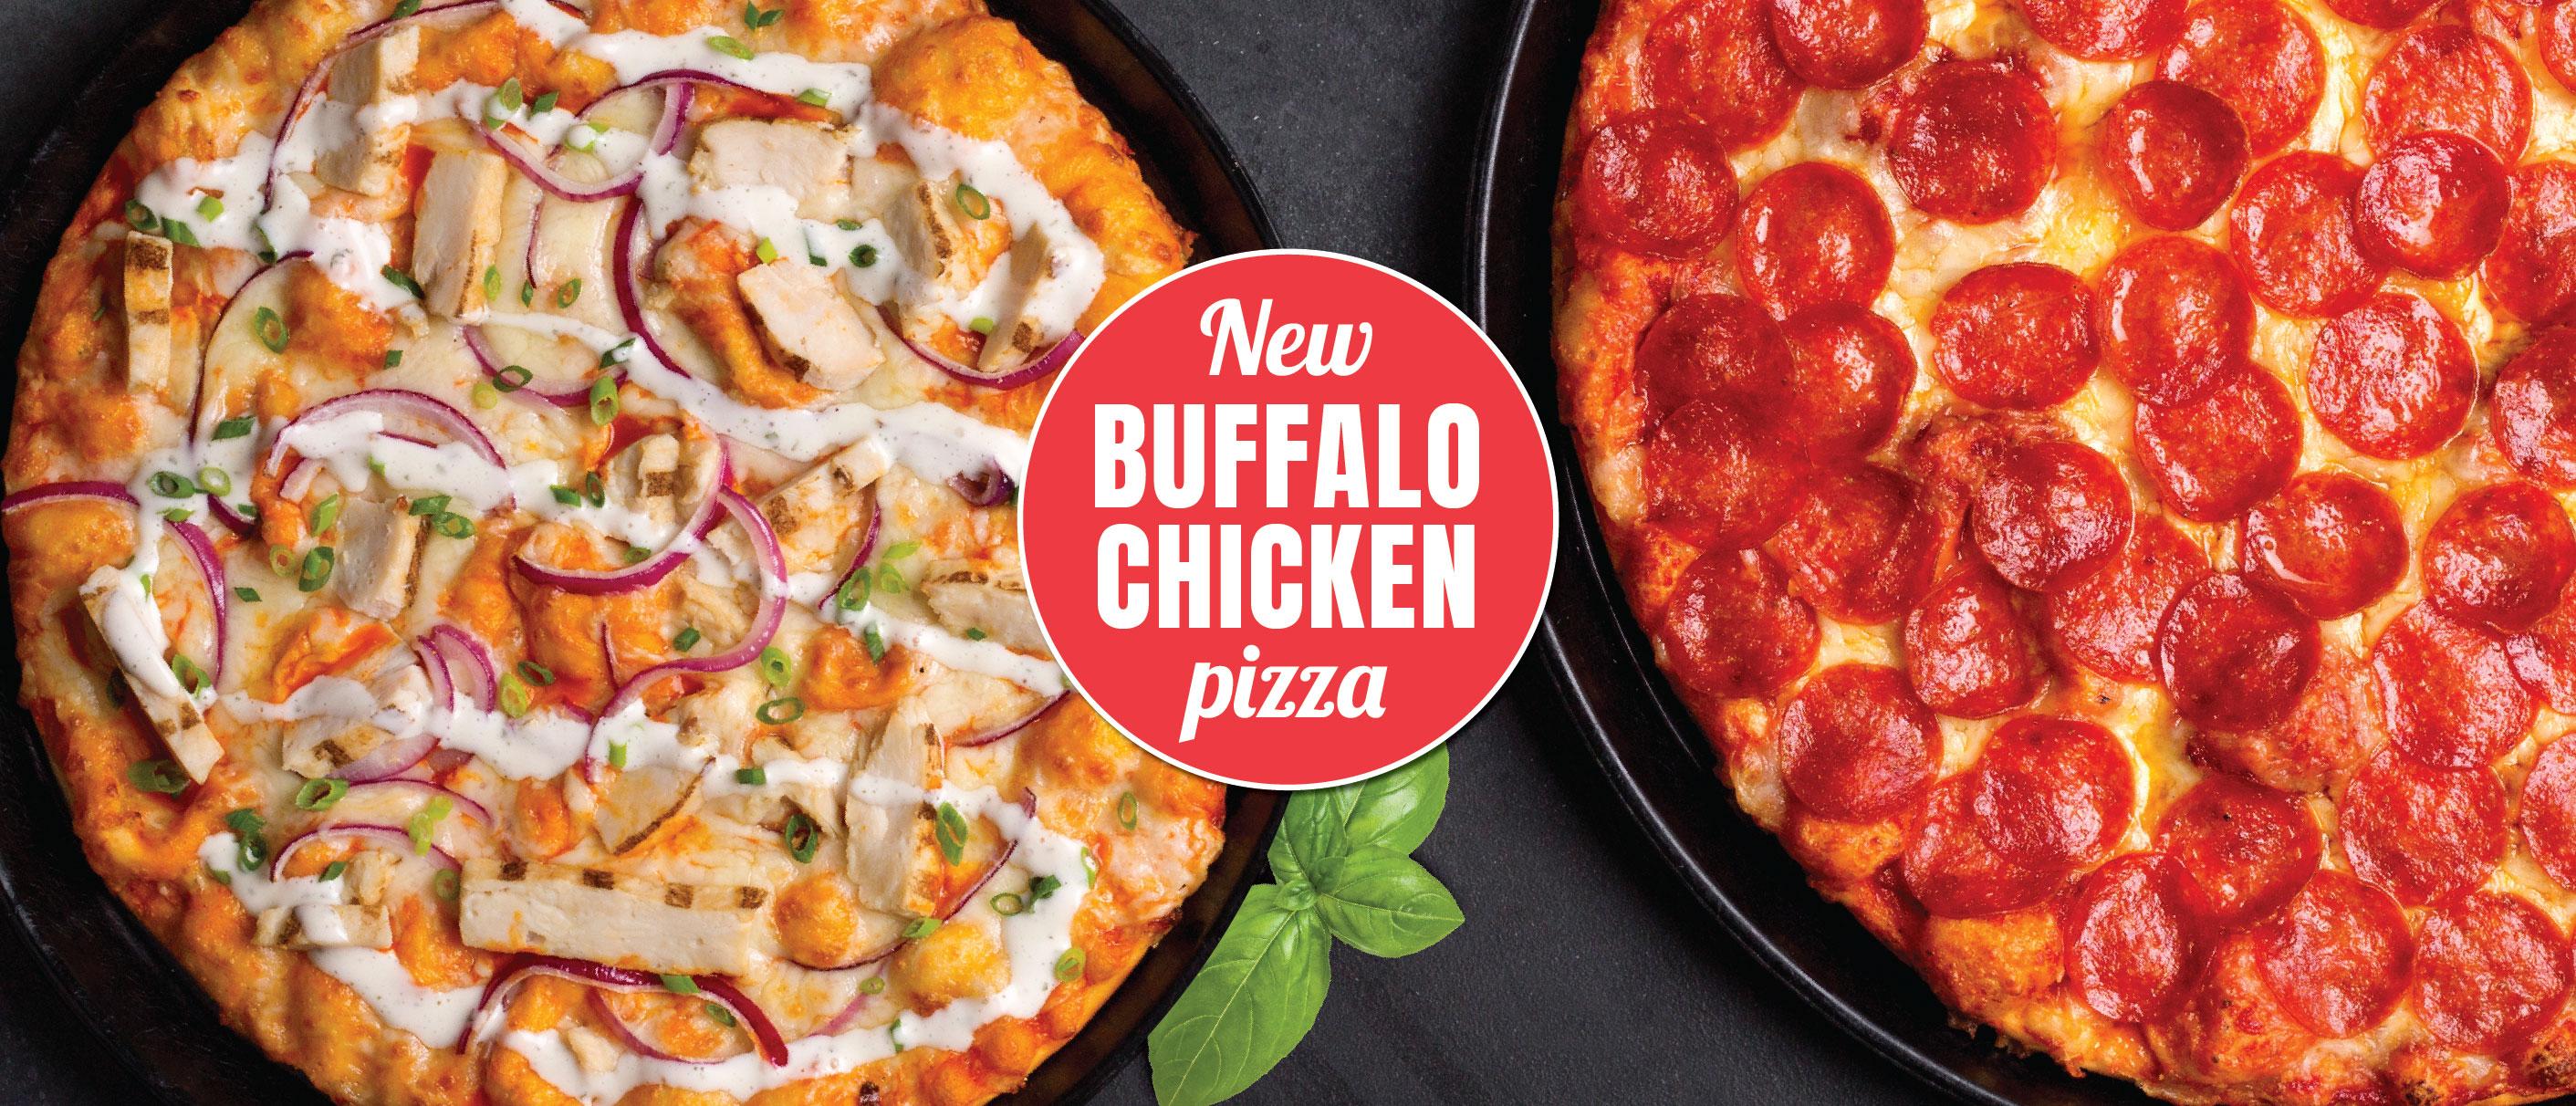 Shakey's Hero Image - Buffalo Chicken Pizza